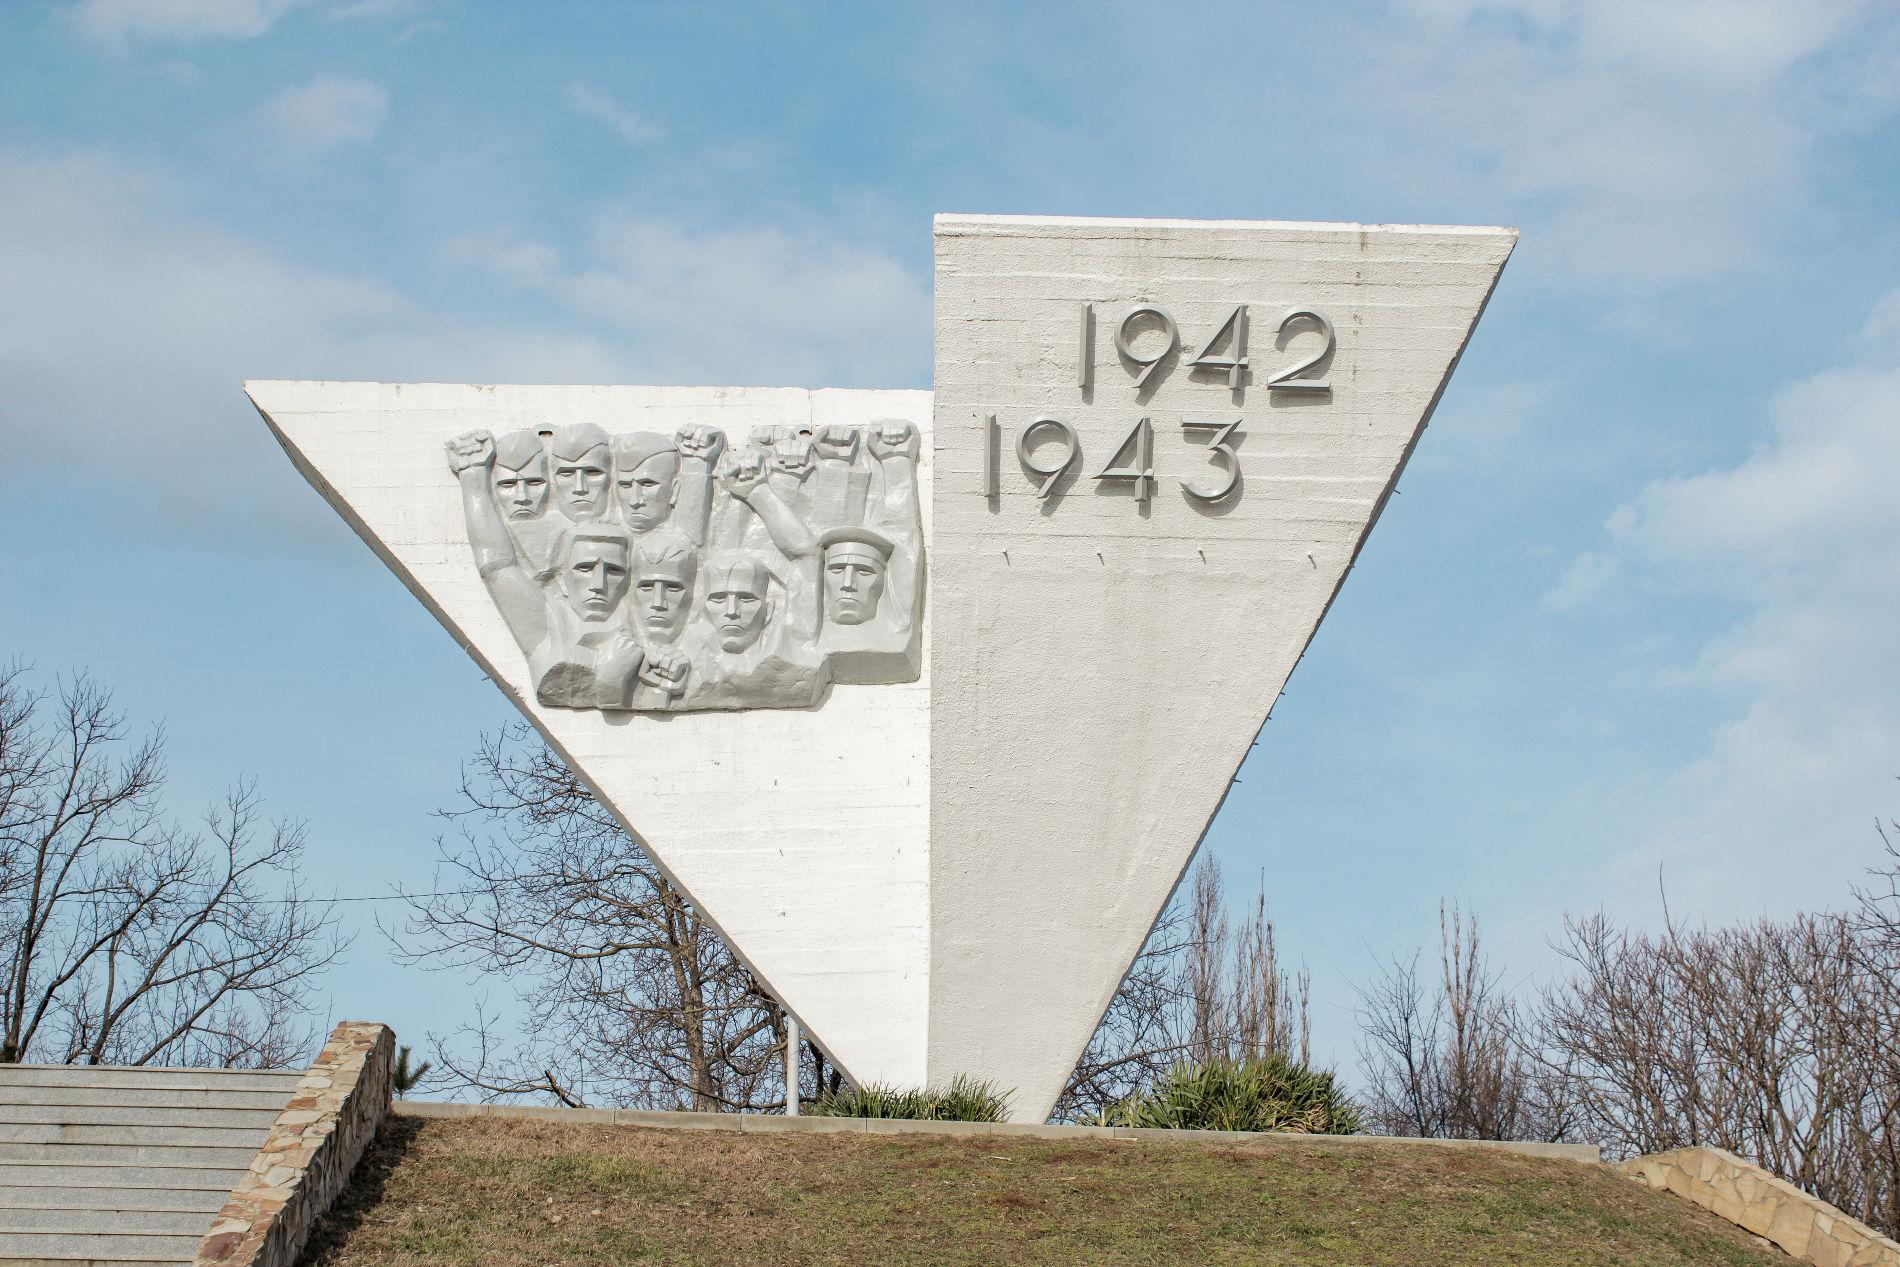 Первым делом в глаза бросается оригинальная форма монумента ©Фото Динара Бурангулова, Юга.ру